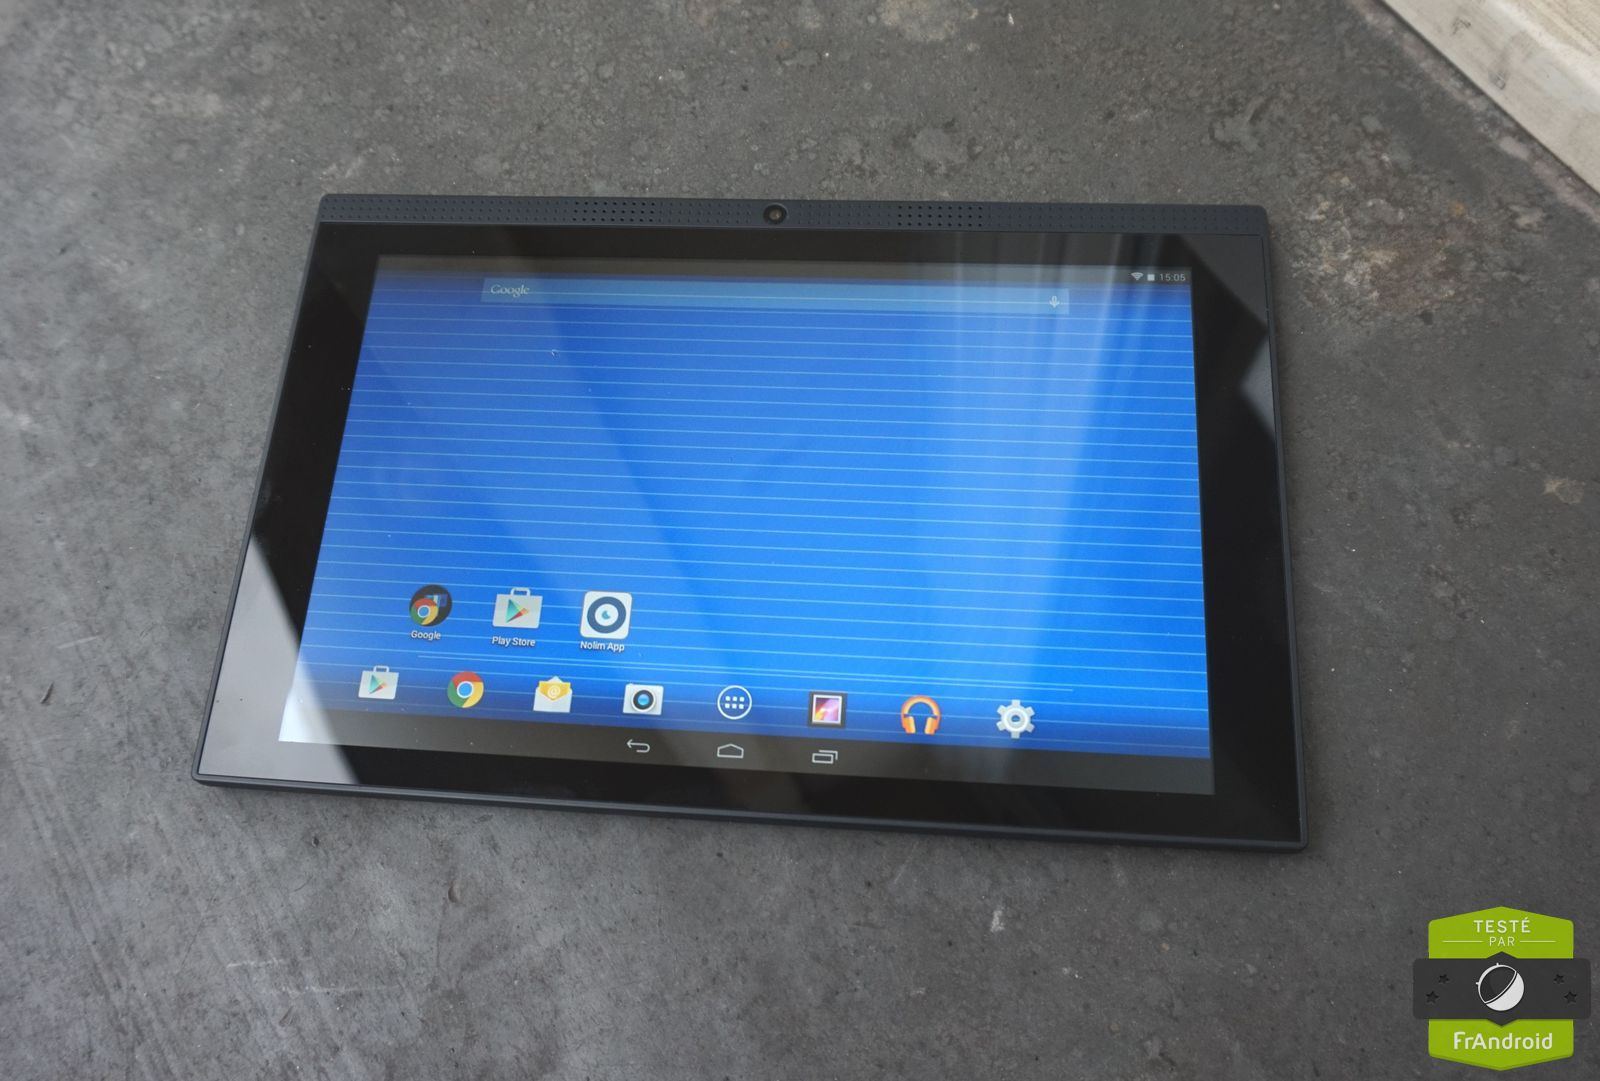 test de la poss touch tablet 10 fluo un v8 dans une. Black Bedroom Furniture Sets. Home Design Ideas